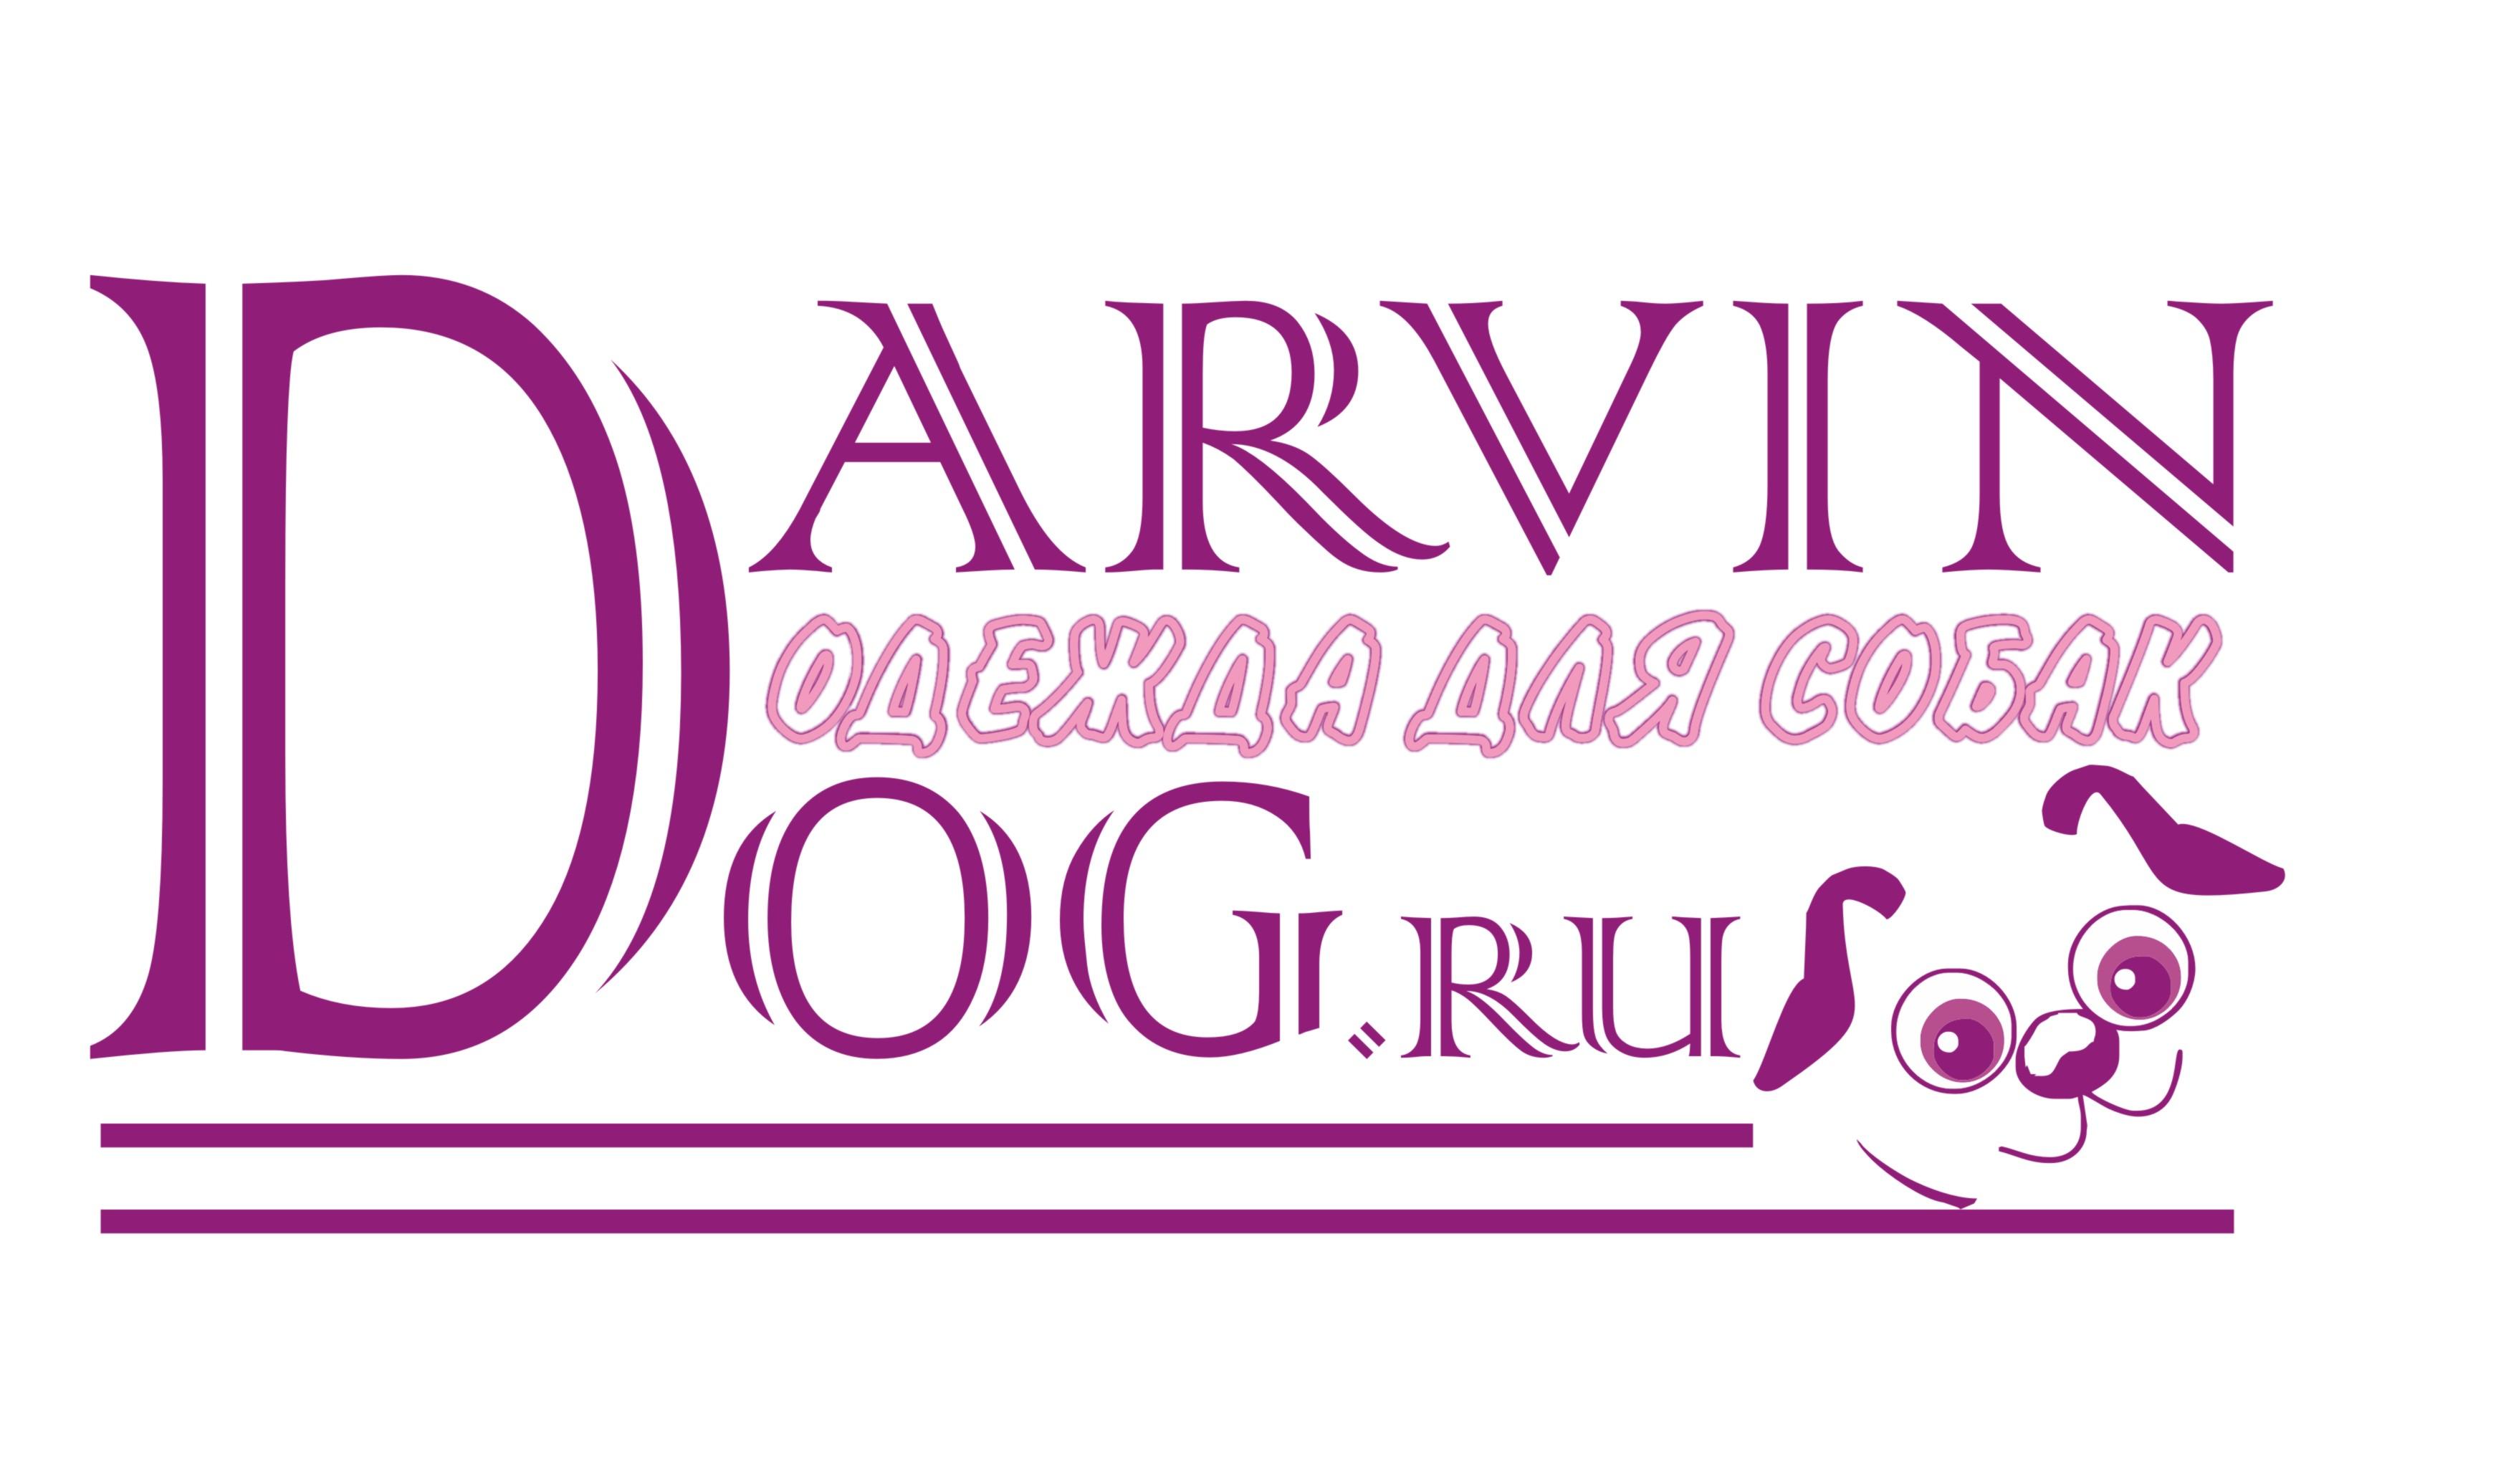 Создать логотип для интернет магазина одежды для собак фото f_258564b31aa2ae78.jpg